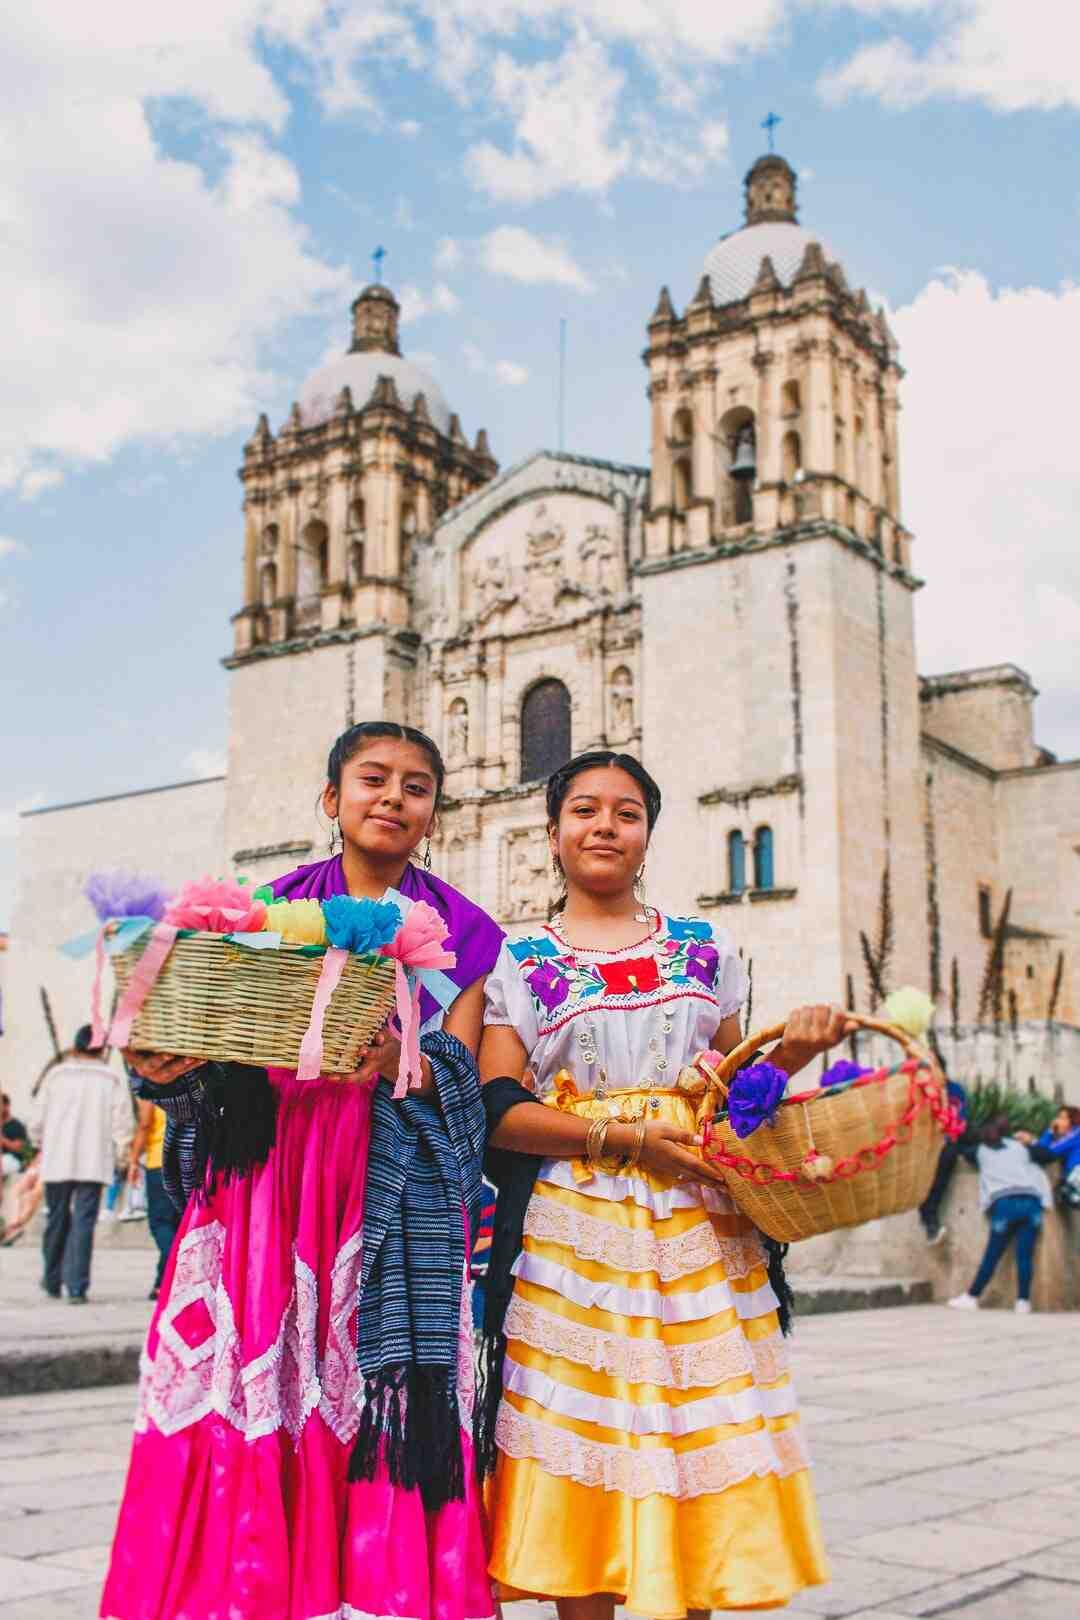 Est-ce dangereux de vivre au Mexique ?